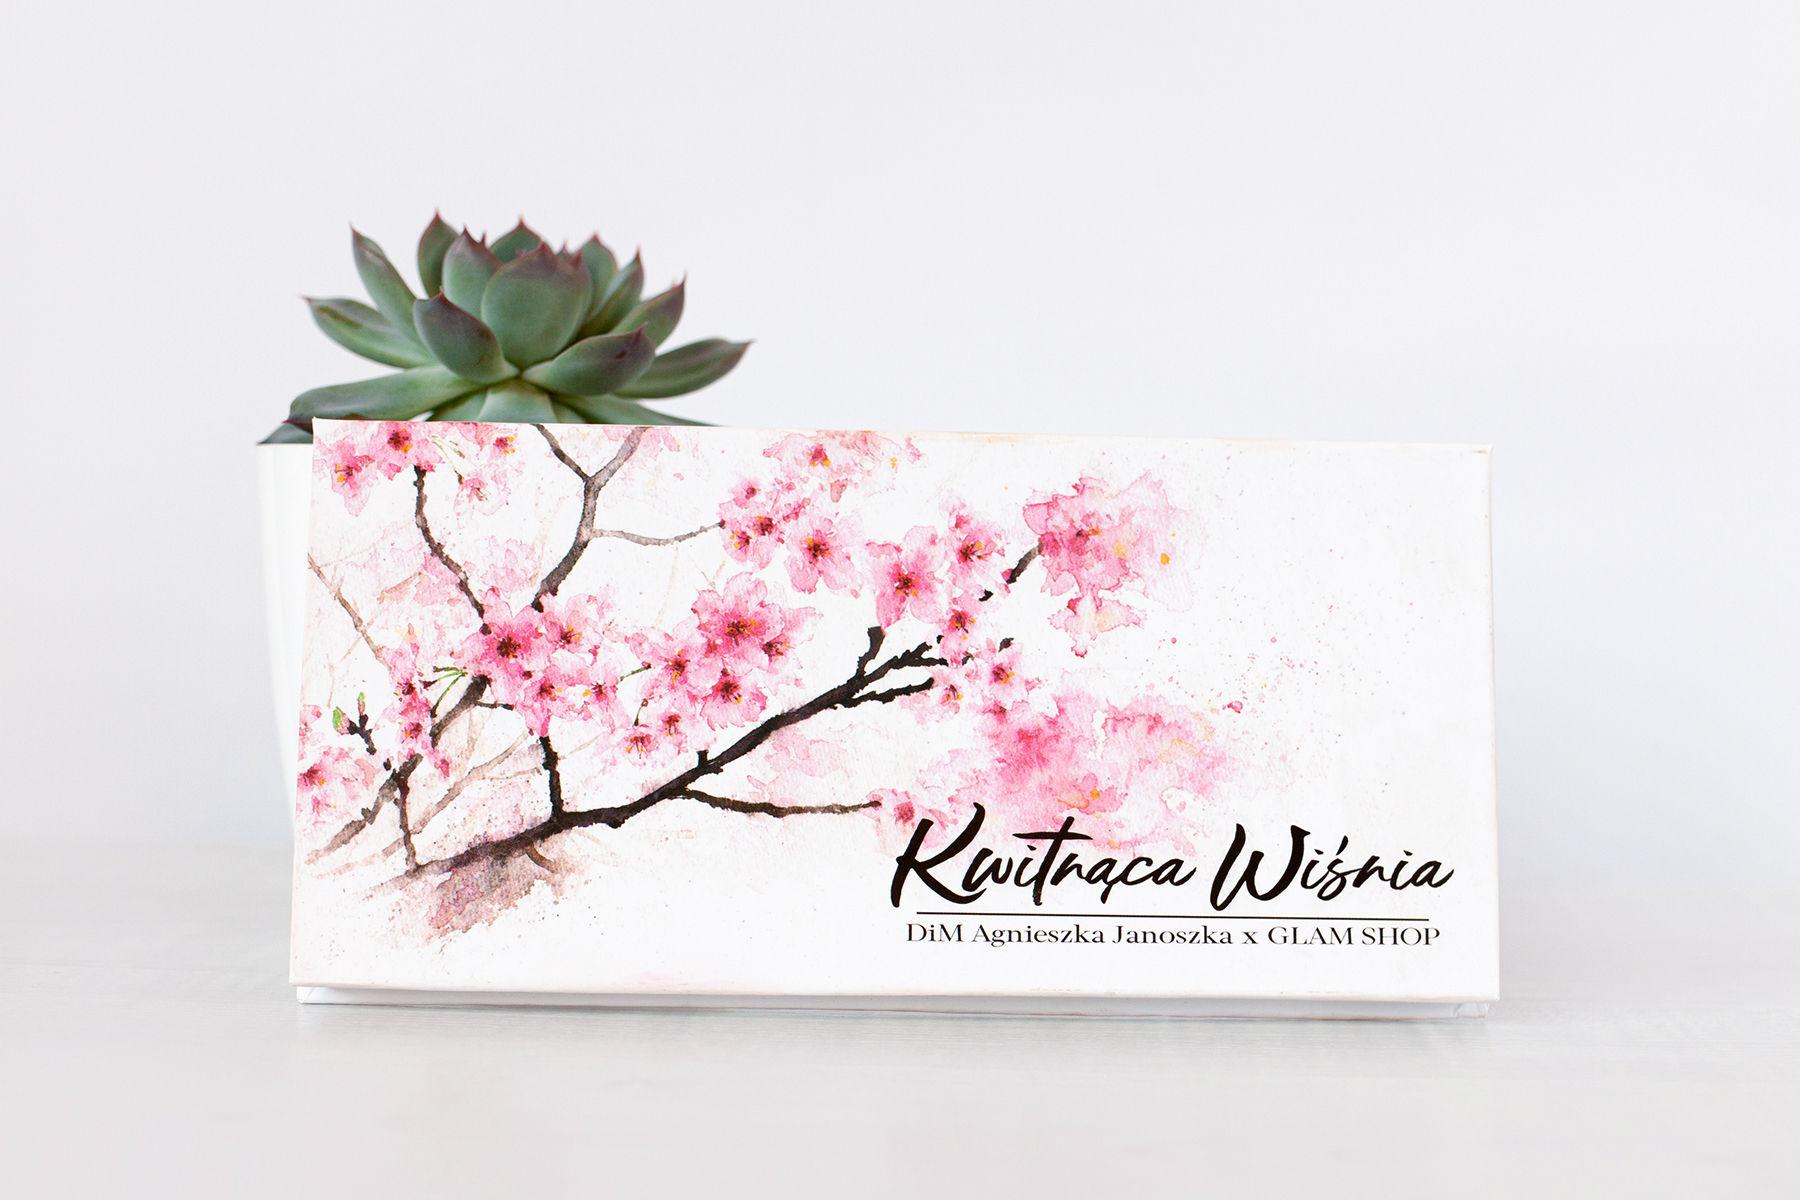 Kwitnąca Wiśnia fotografia produktowa